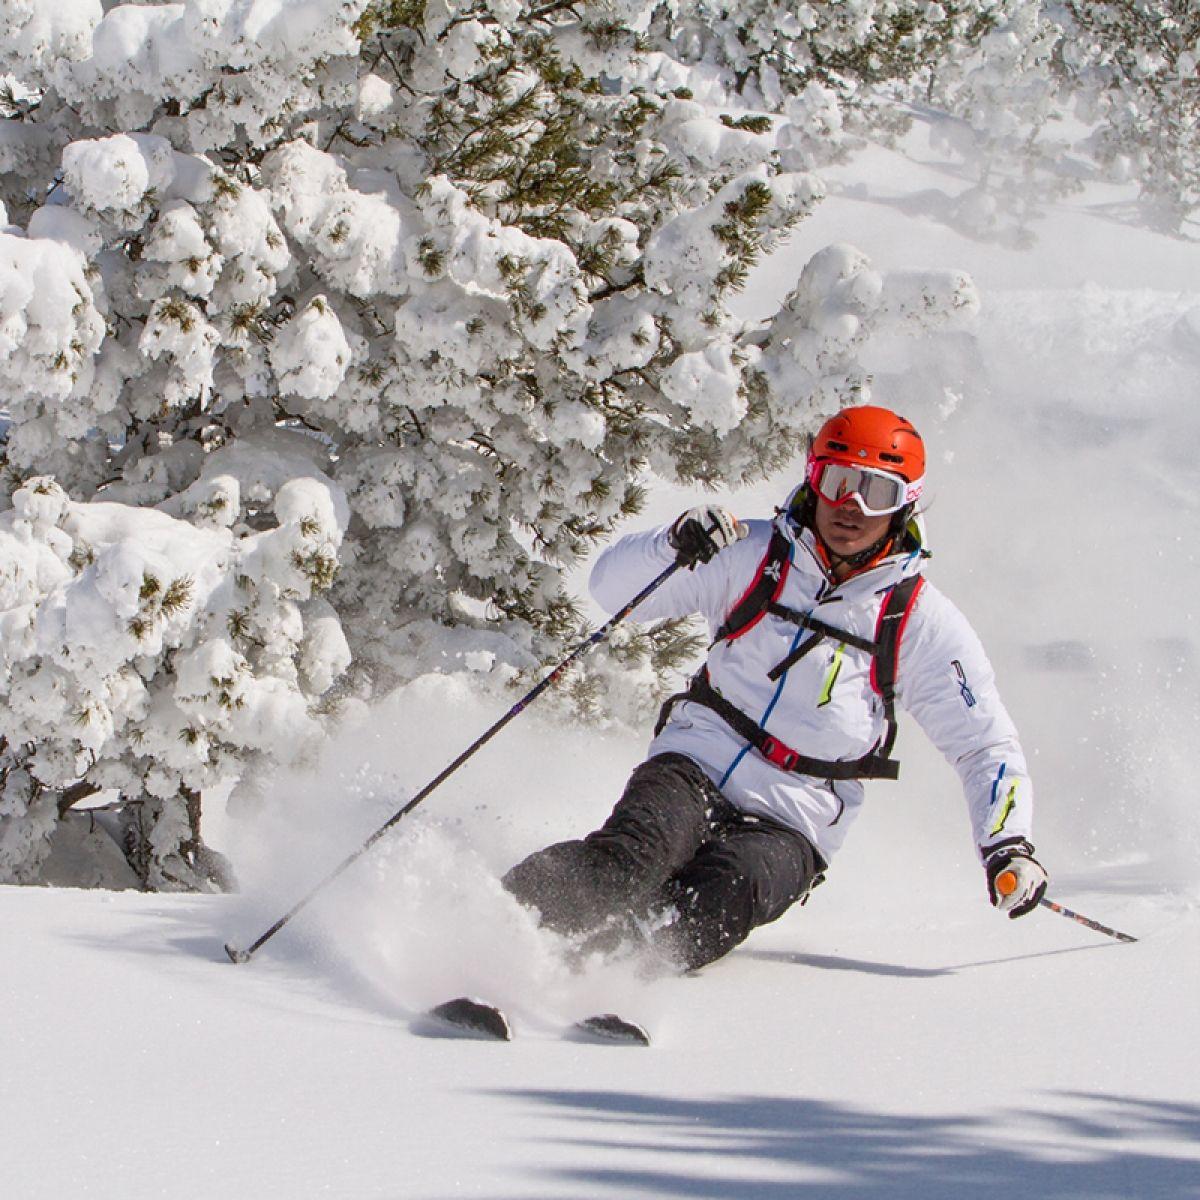 Cómo aprender a esquiar: consejos útiles